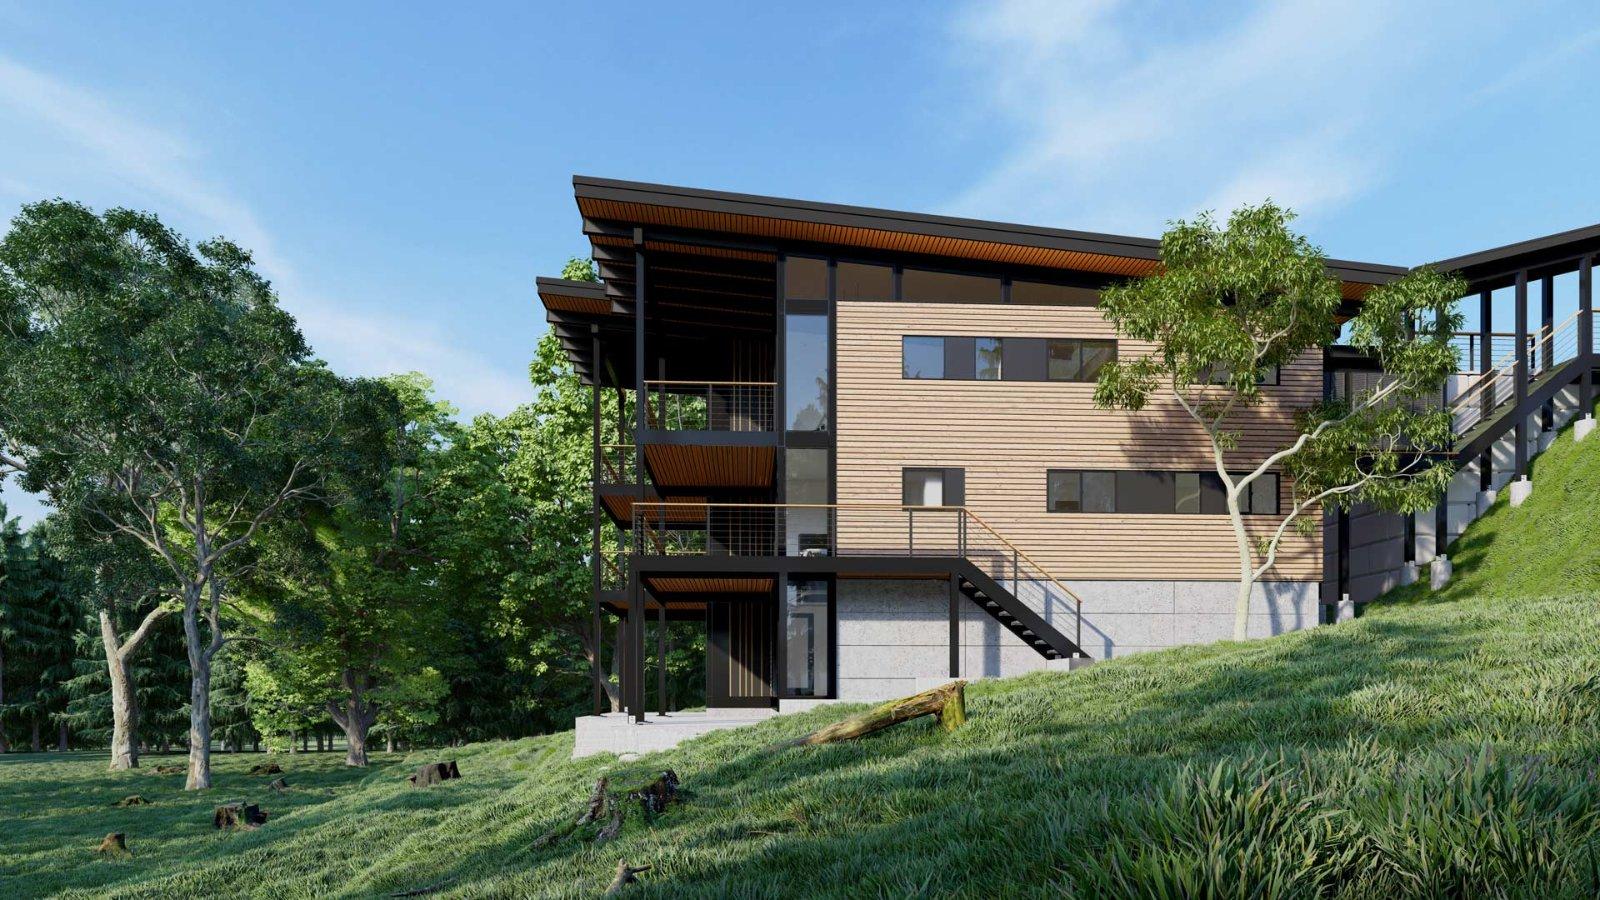 Mountainside-house-by-Terralite-Design-Development-1920x1080.jpg